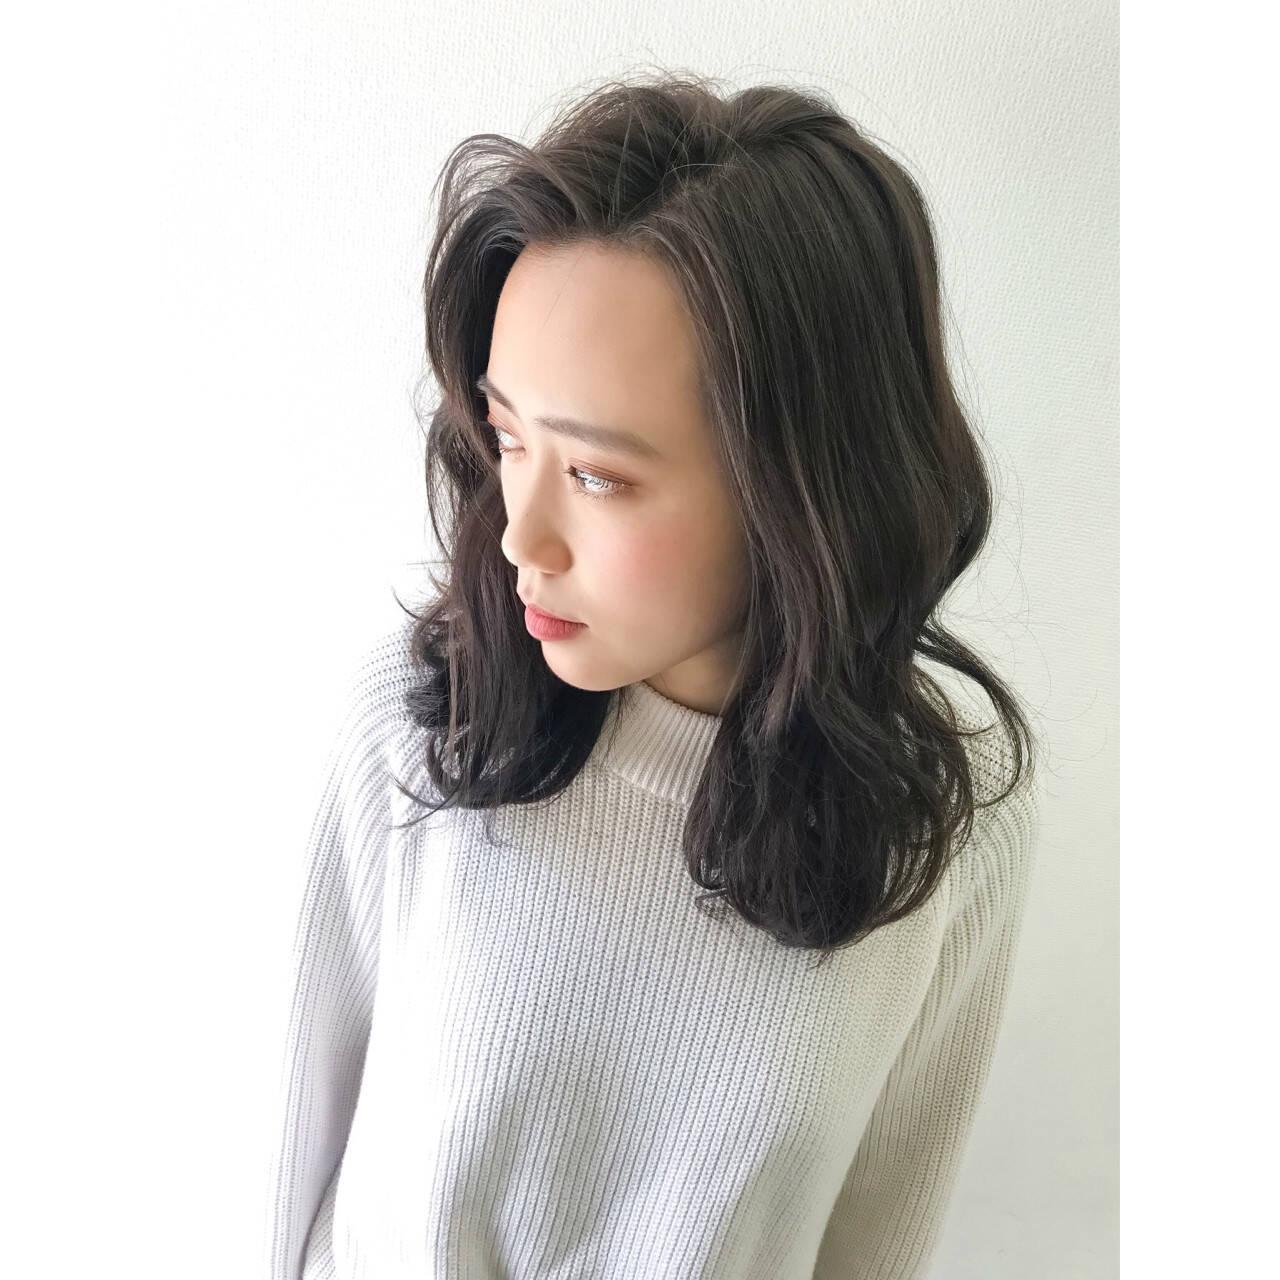 アッシュベージュ アンニュイ ミディアム ハイライトヘアスタイルや髪型の写真・画像